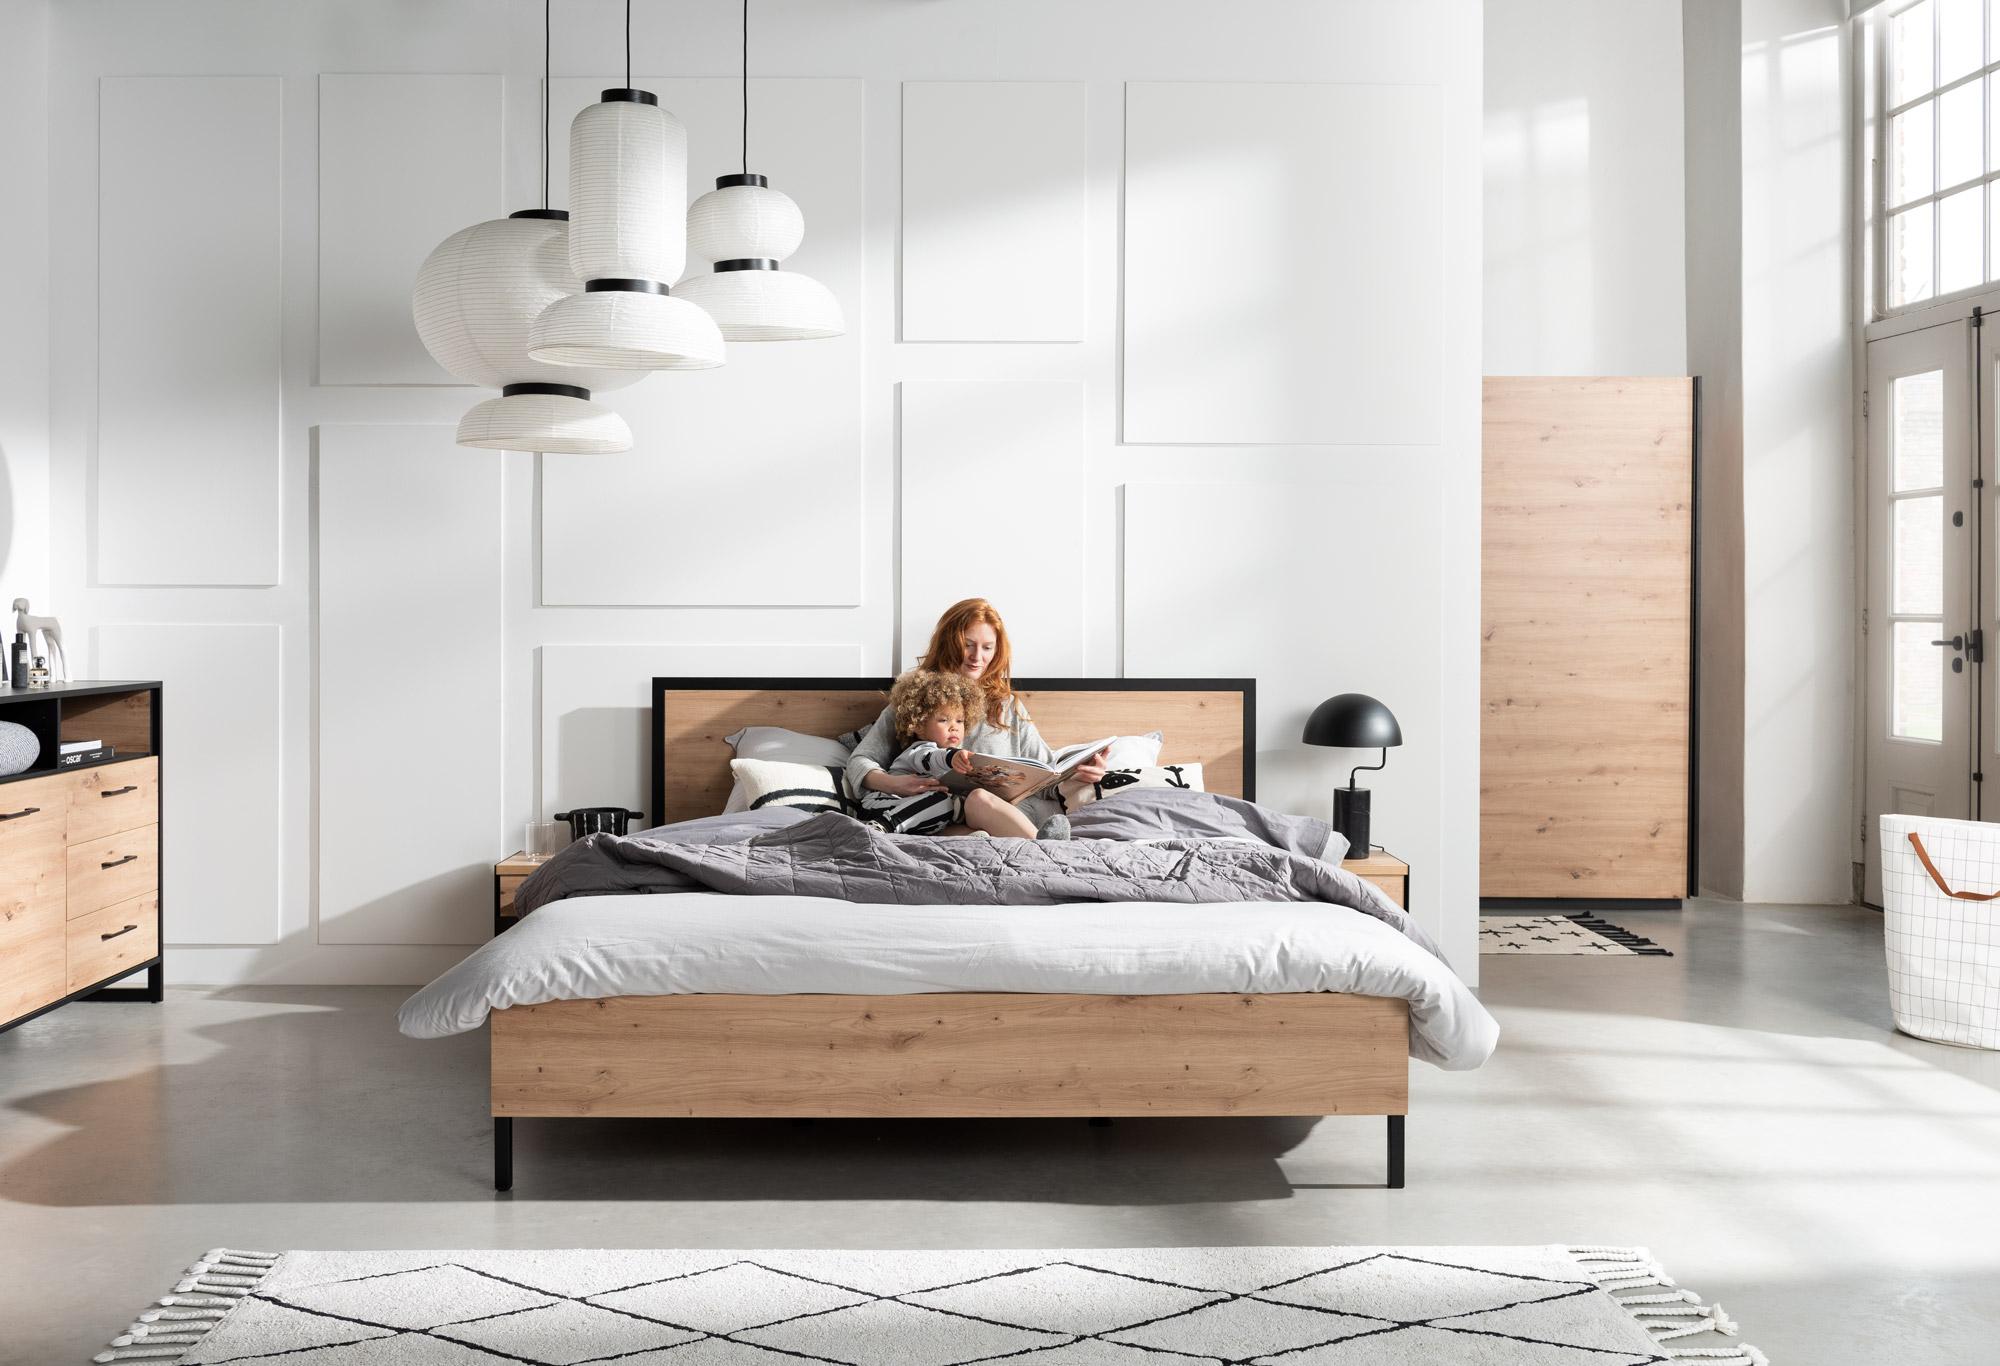 Bedframe balance Minimal | Swiss Sense